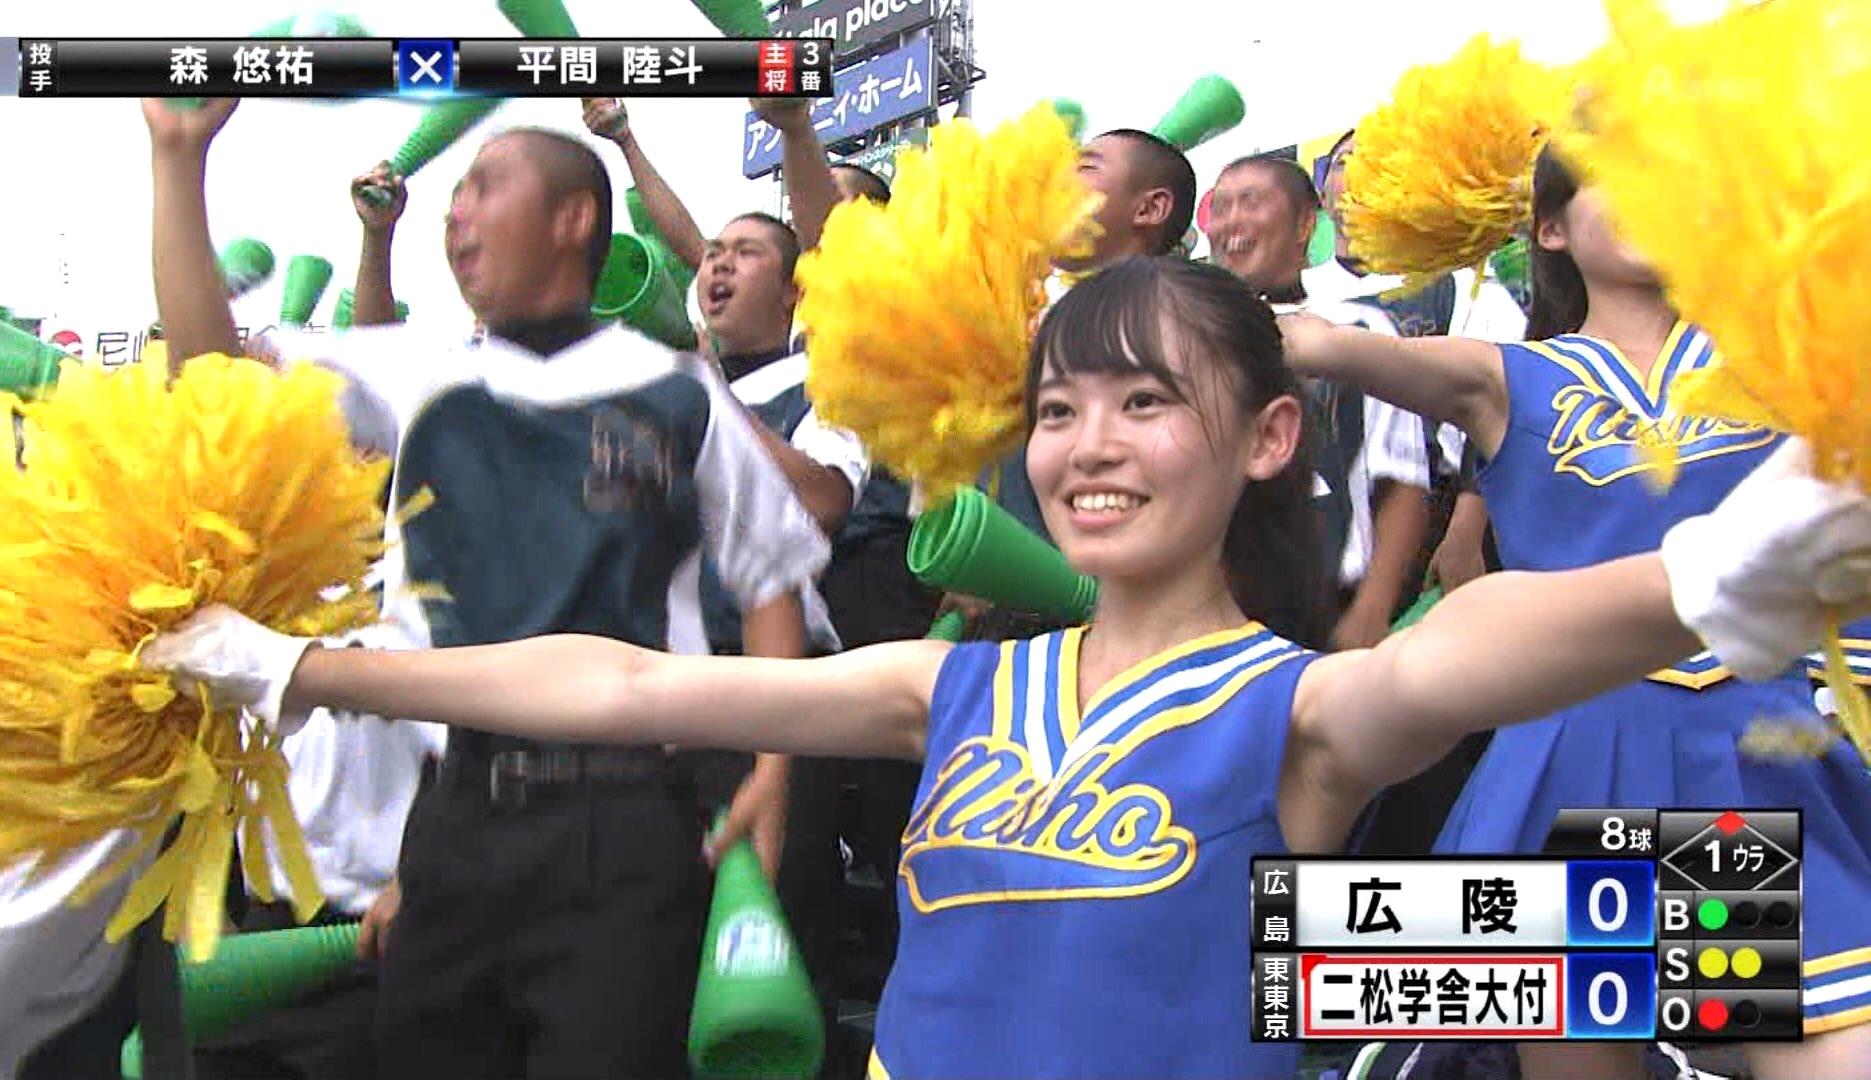 甲子園JKチア腋まとめ2018 (25)